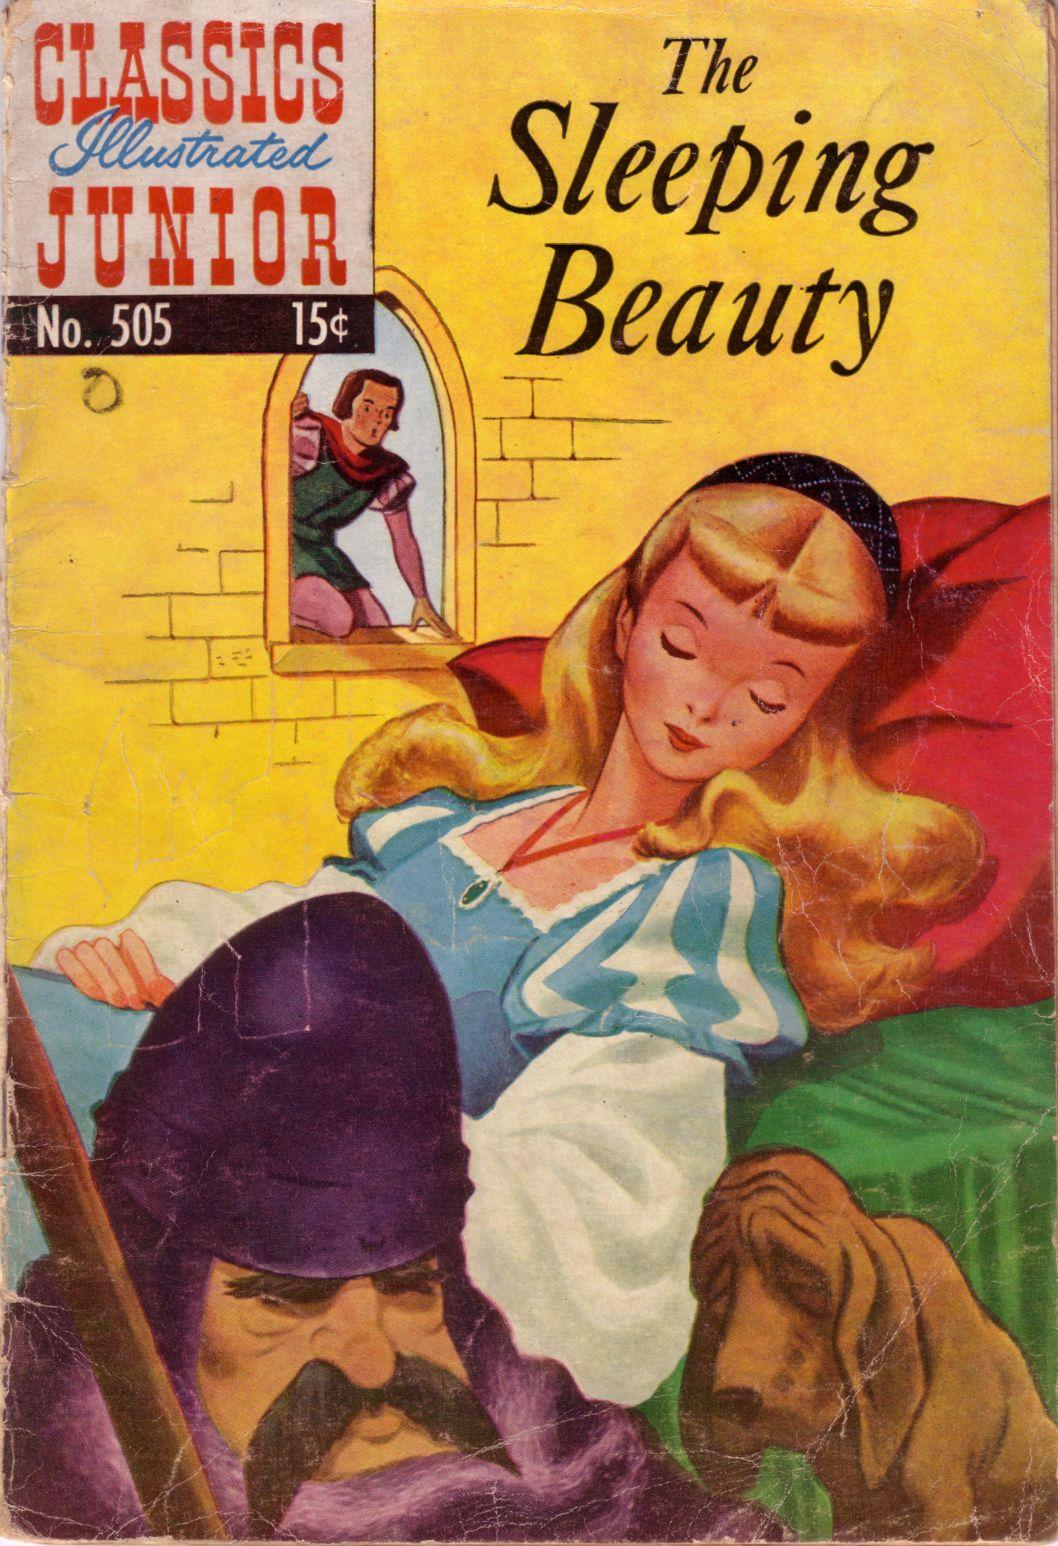 Classics Illustrated Junior 505 Page 1